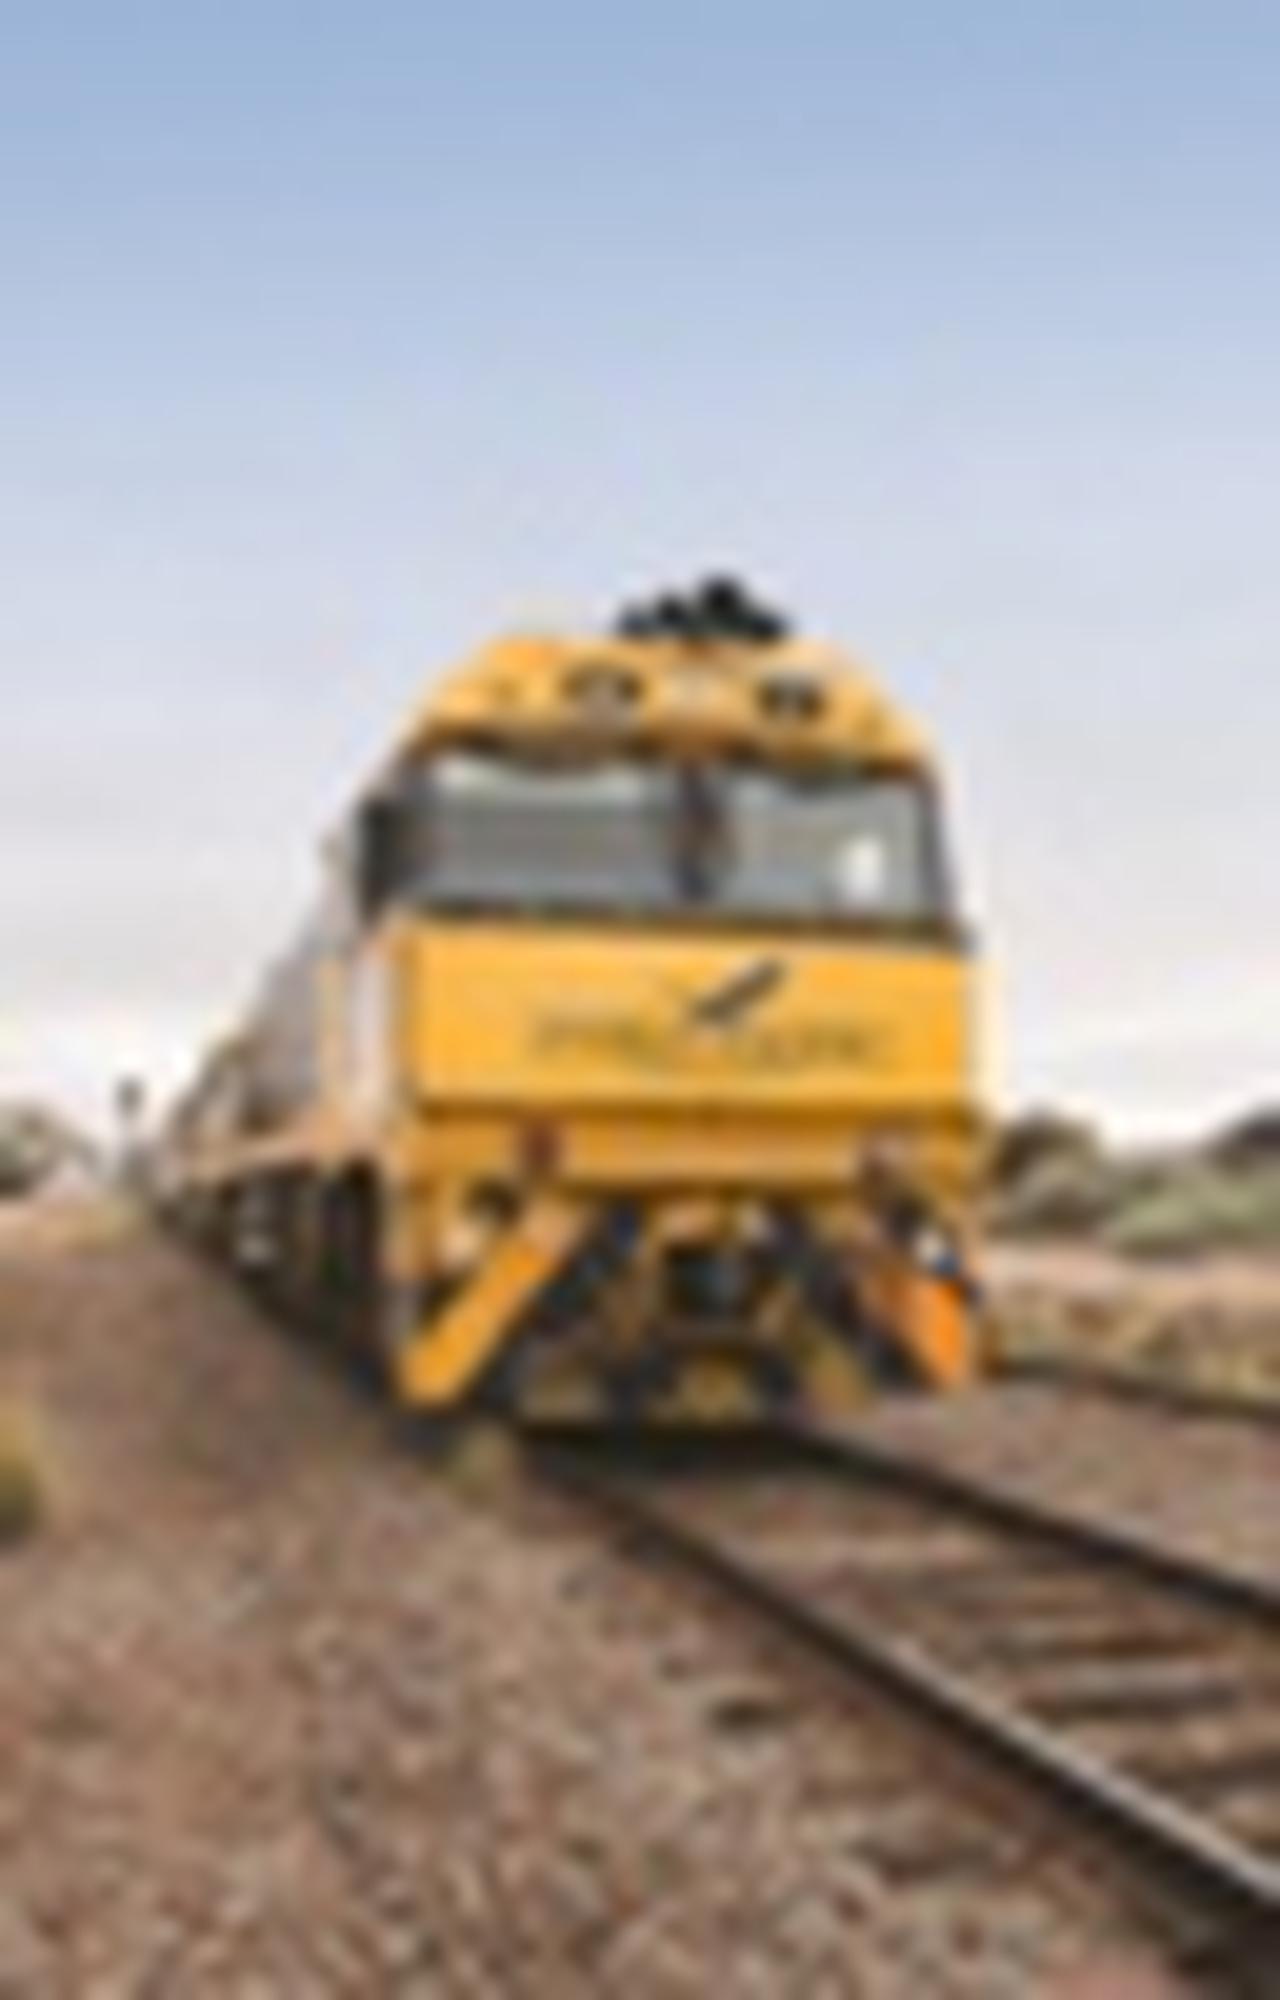 画像: <プレミアムステージ> 『オーストラリア大陸横断鉄道インディアンパシフィック号全線走破!の旅9日間』|クラブツーリズム